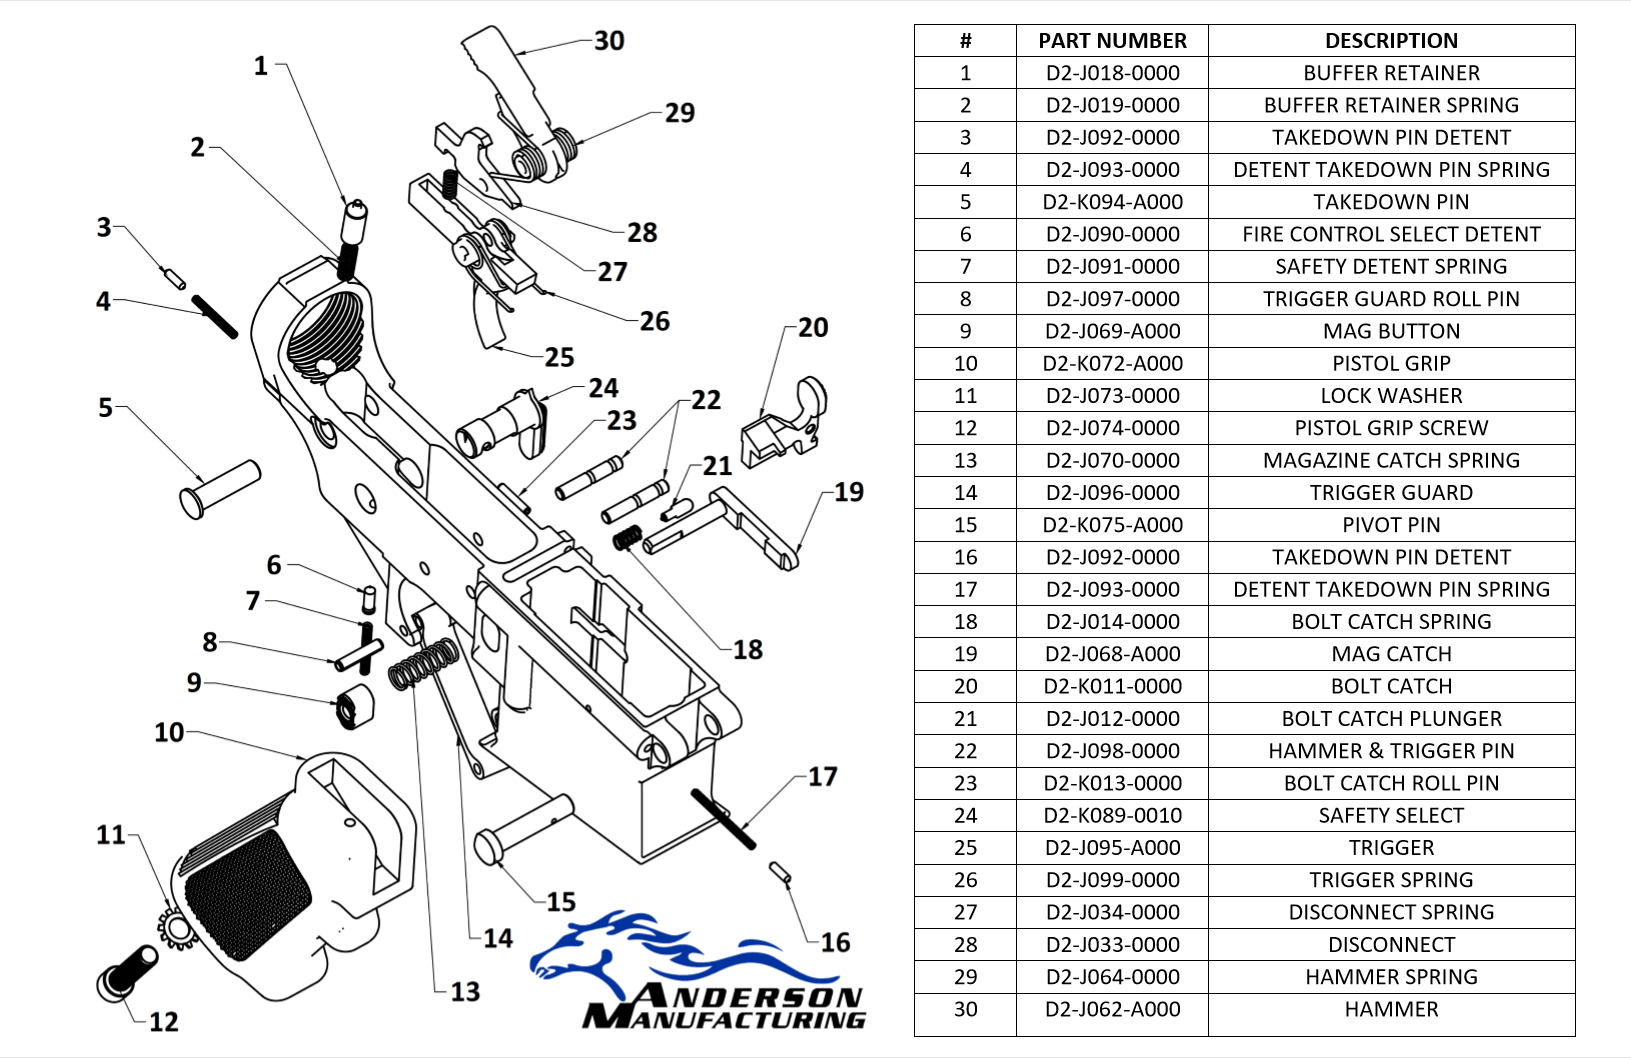 Ar 15 Schematic Upper